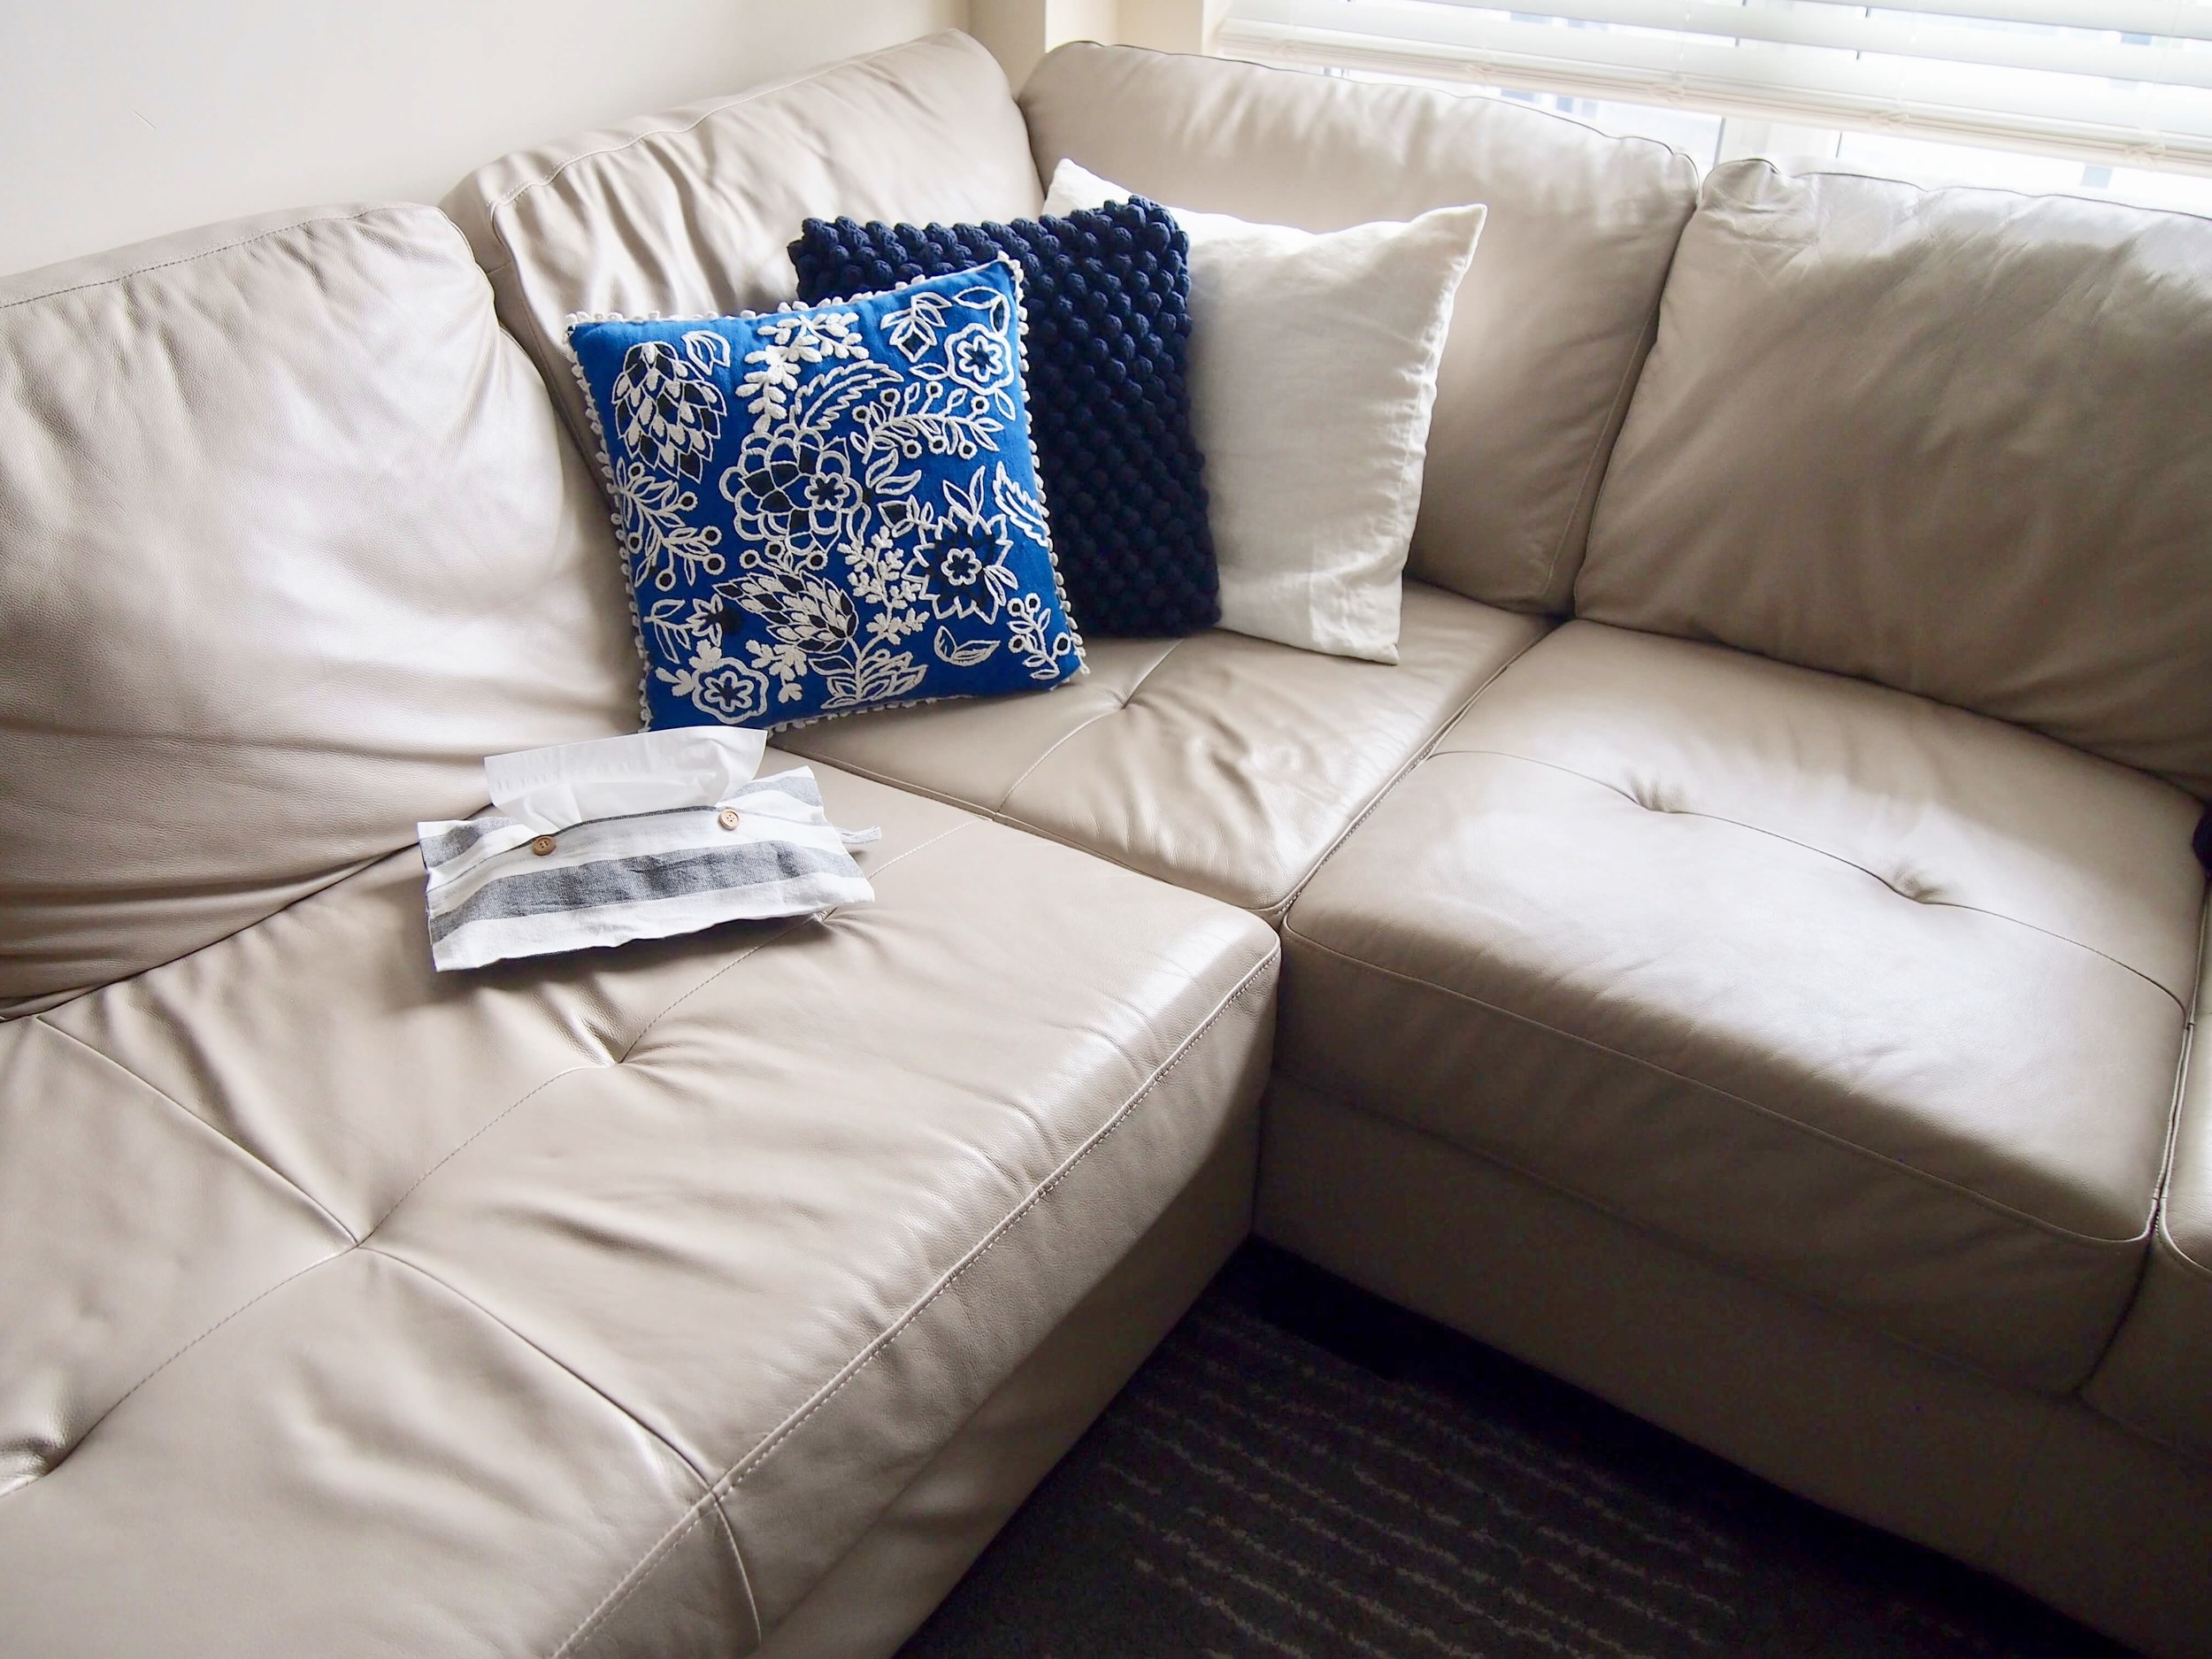 こんな感じでソファーの上に置いても、インテリアのジャマをしないところが気に入っています。